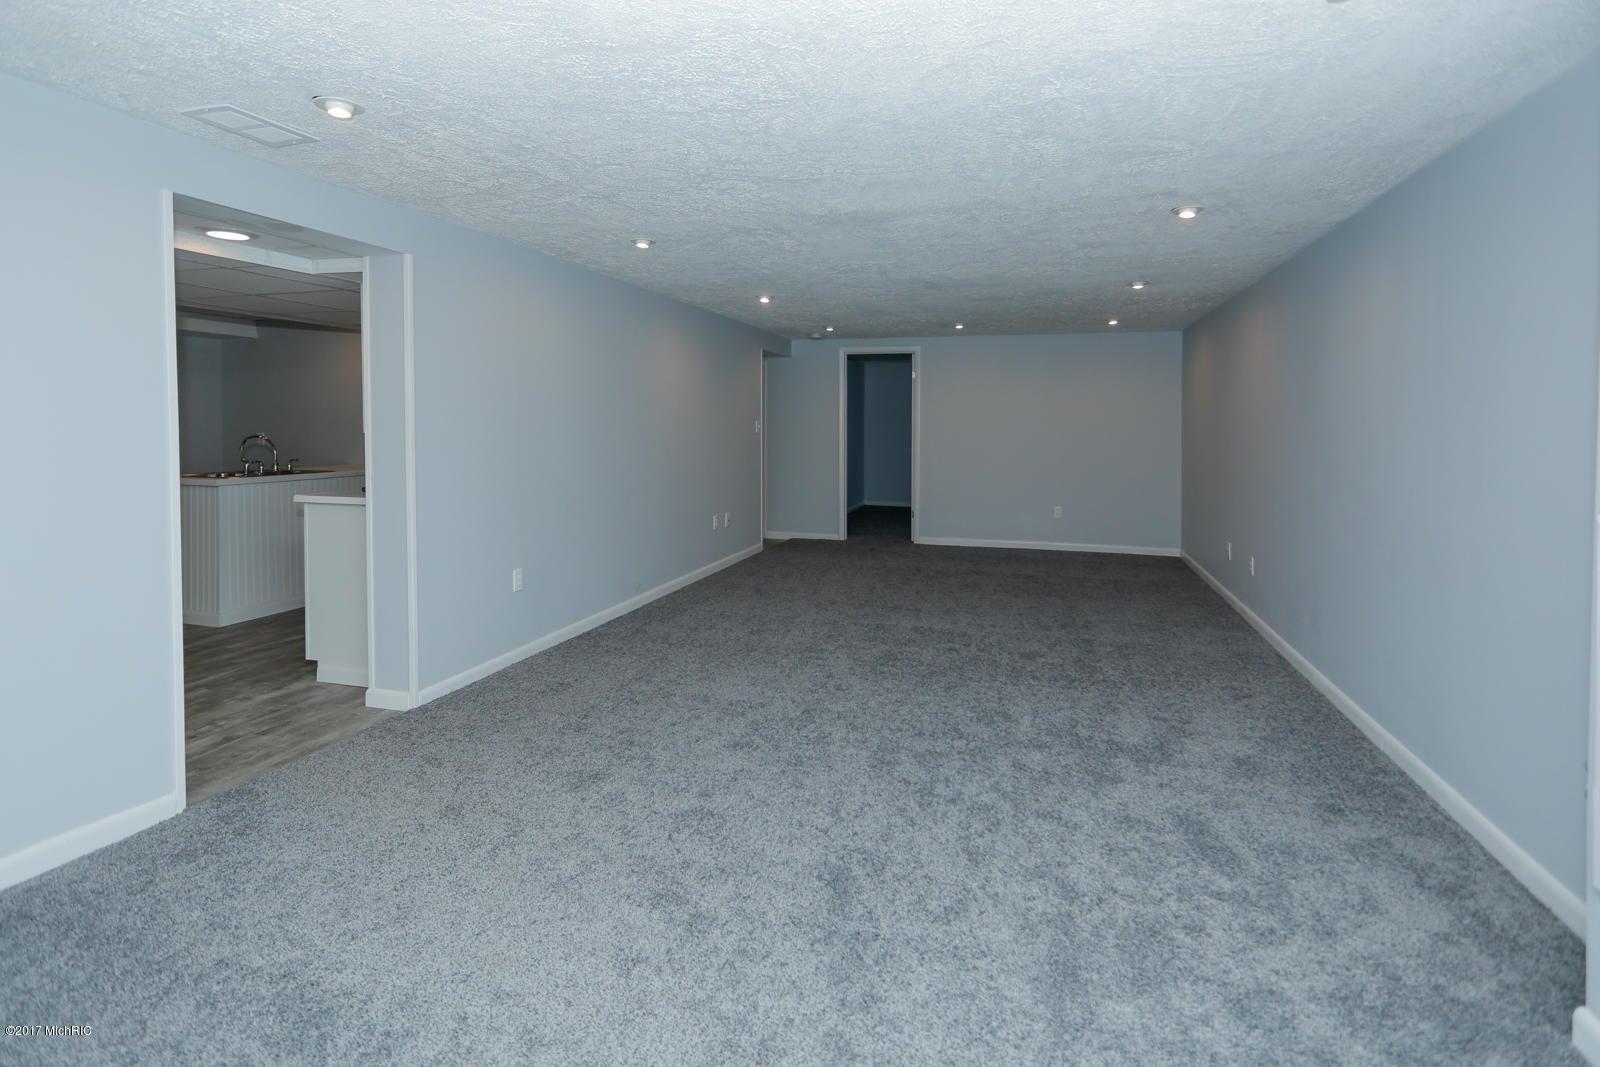 1421 Royal Oak Avenue, Portage, MI, 49024, MLS # 17043628 | Jaqua ...